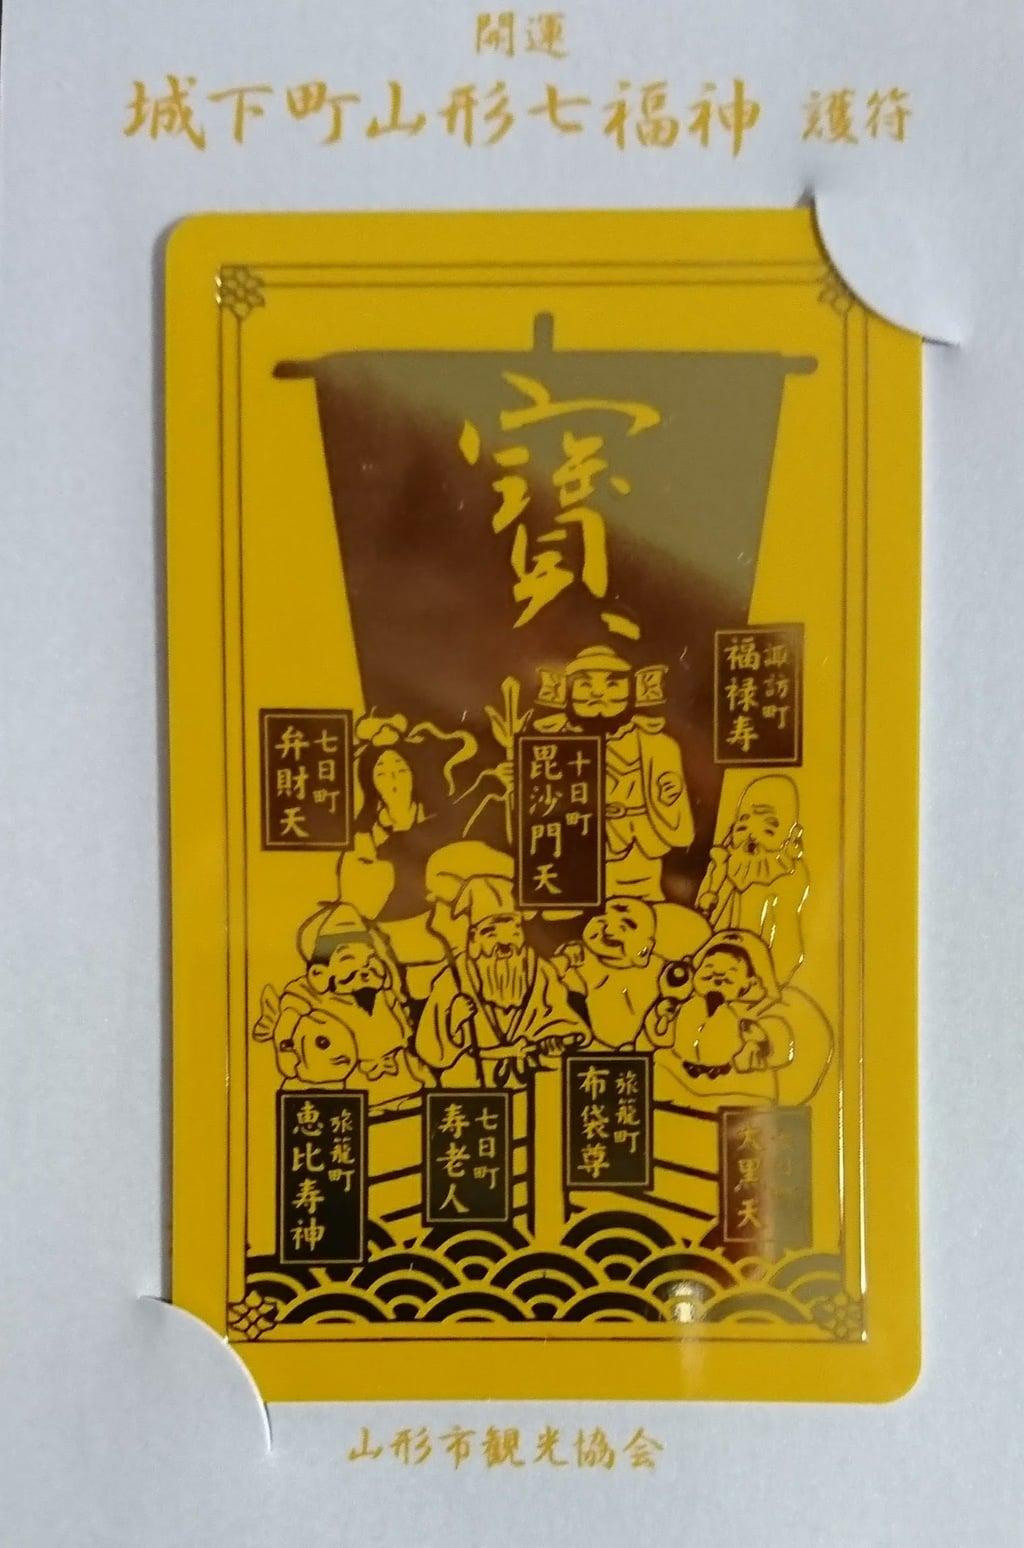 里之宮 湯殿山神社のお守り